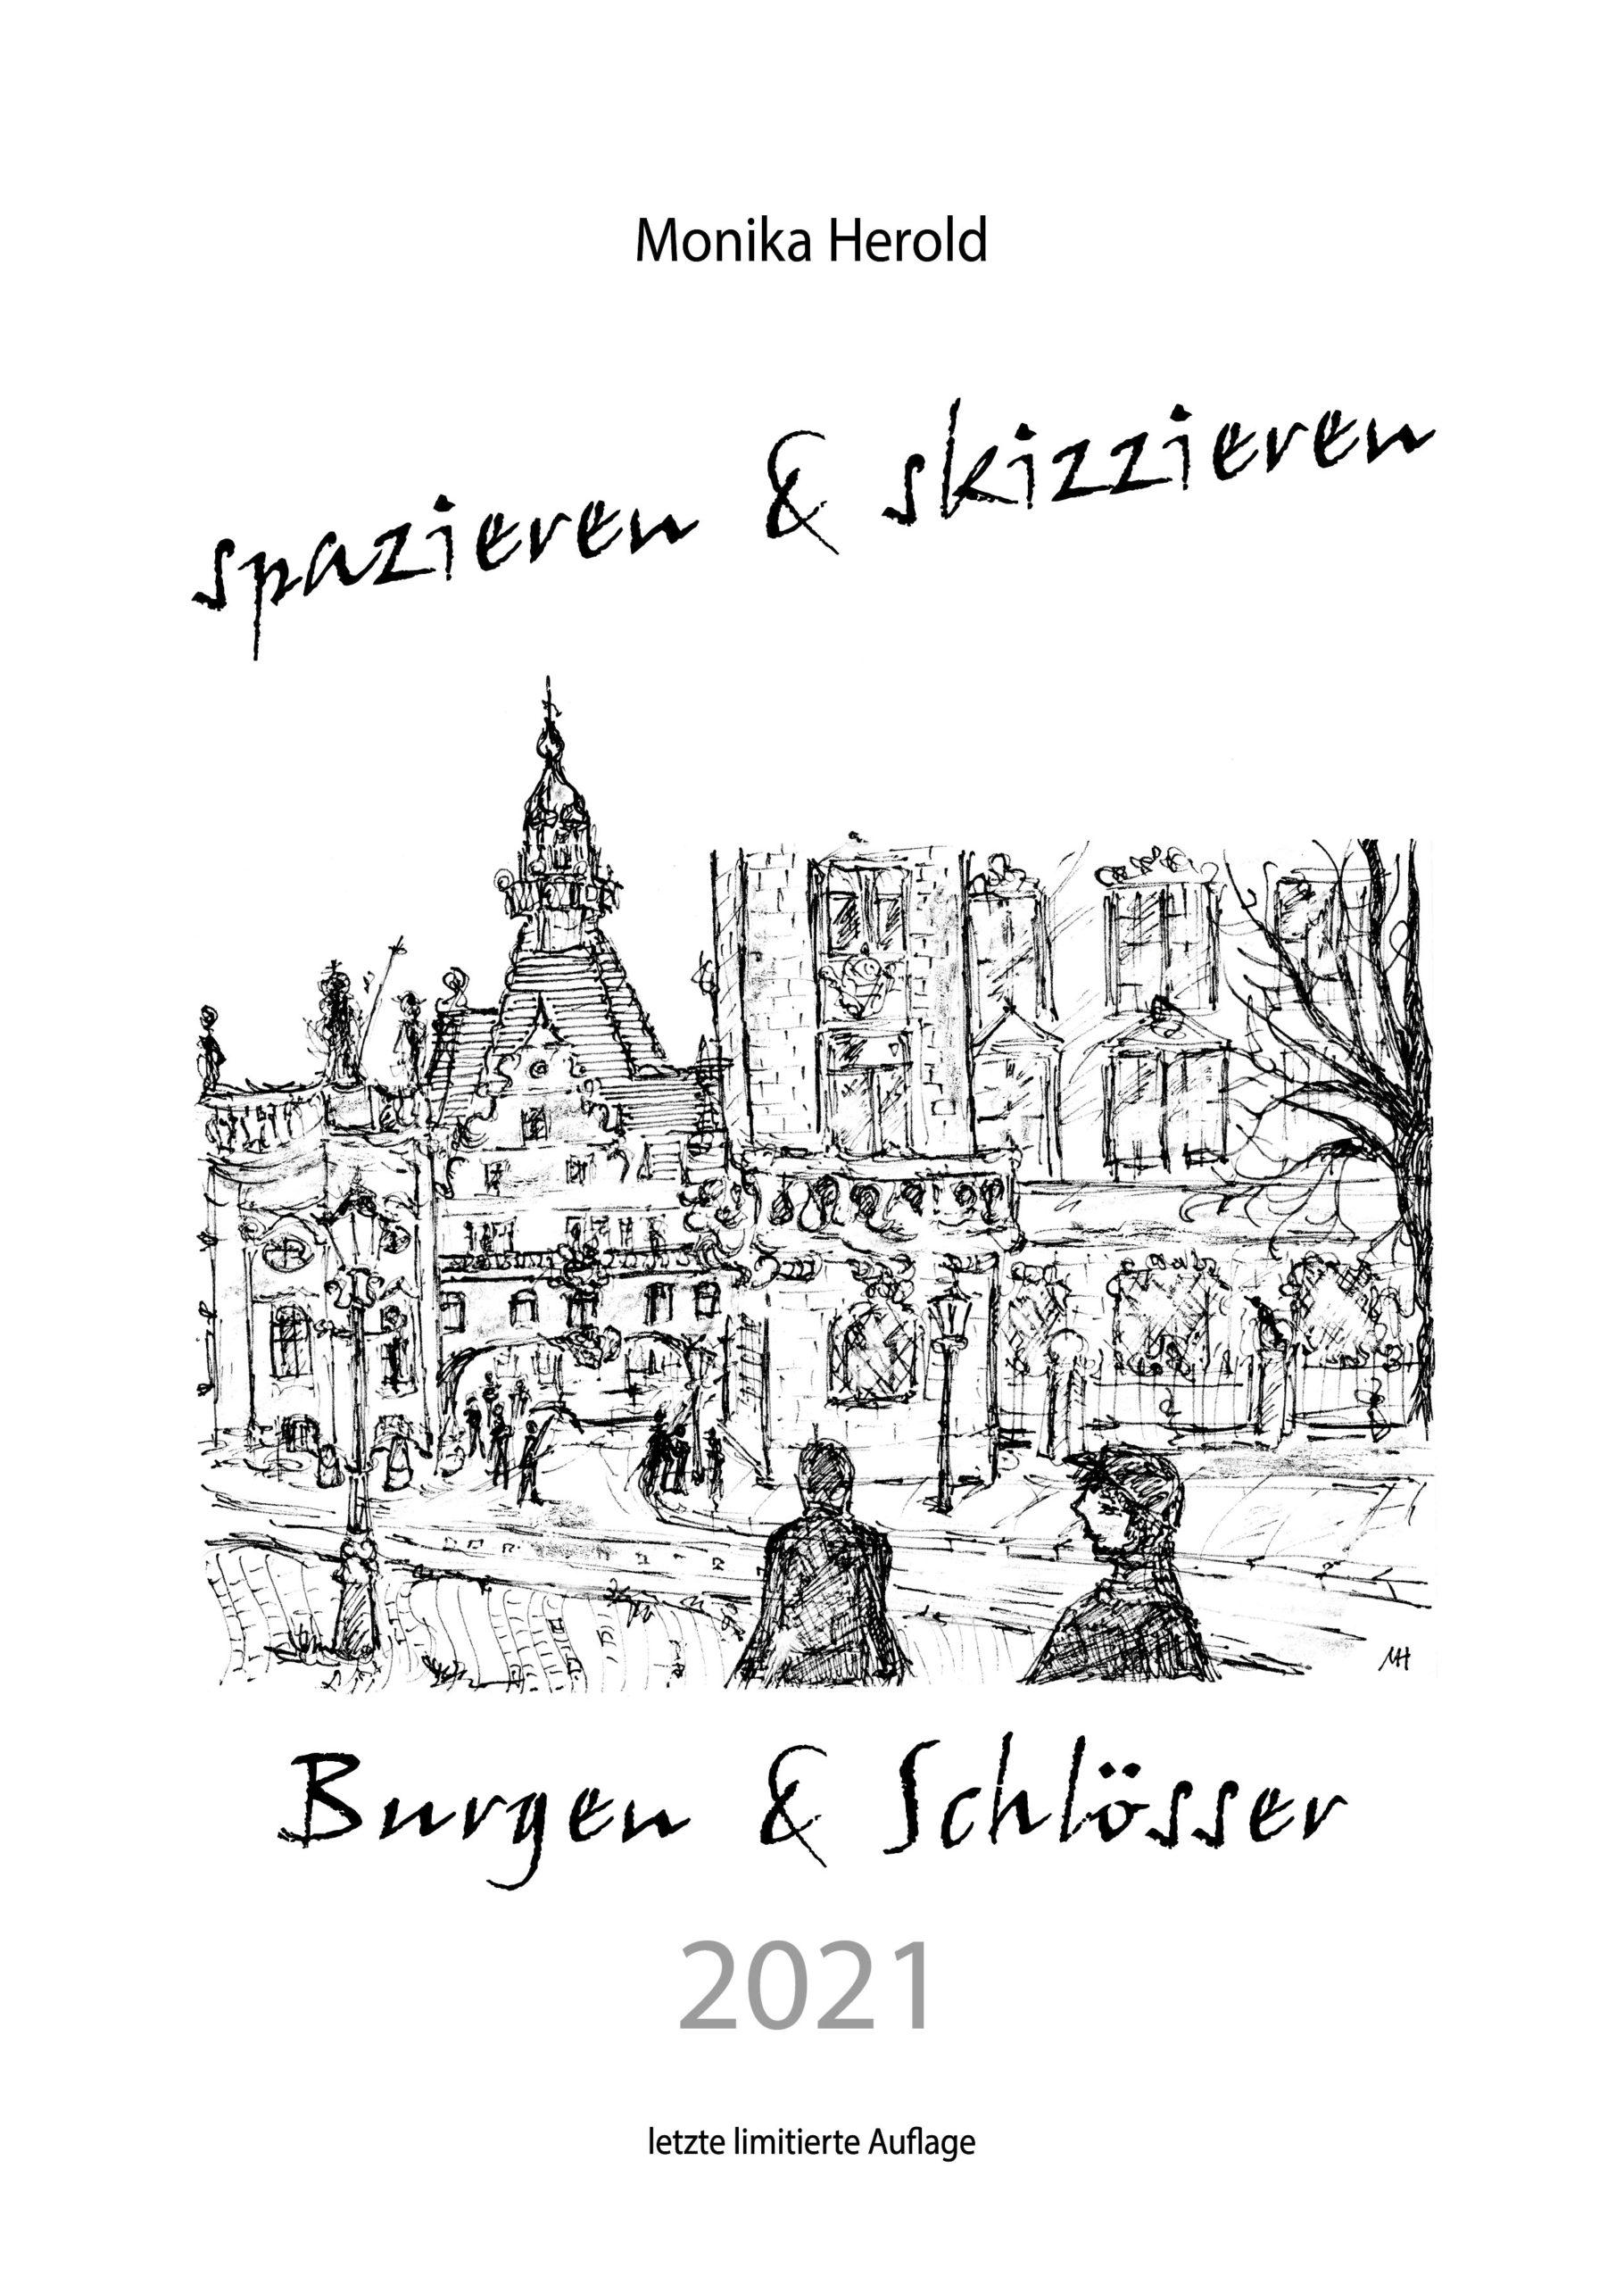 Skizzenkalender 2021, Burgen & Schlösser, Sachsen, Dresden